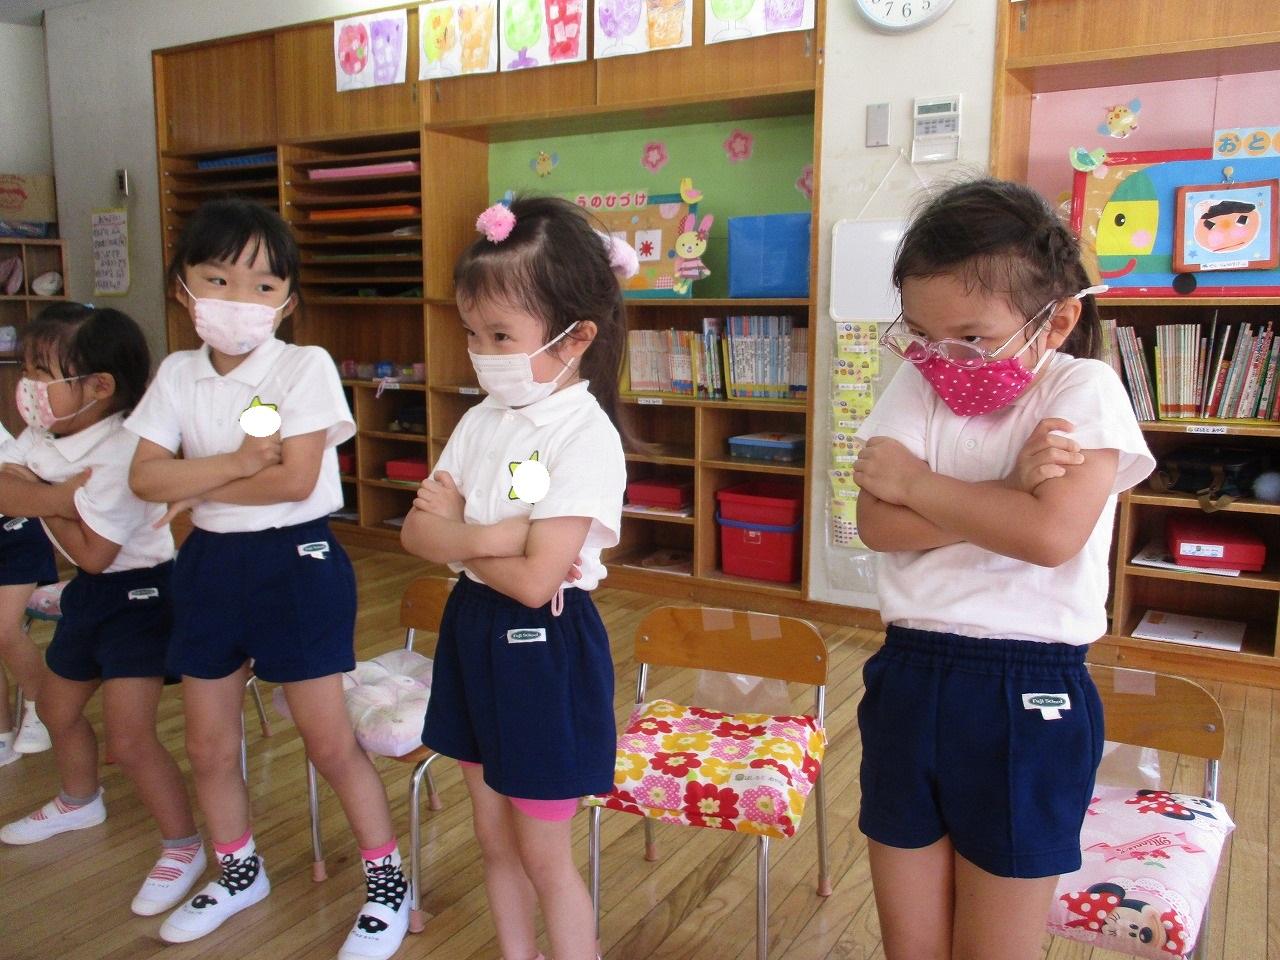 9月21日 英語活動がありました。